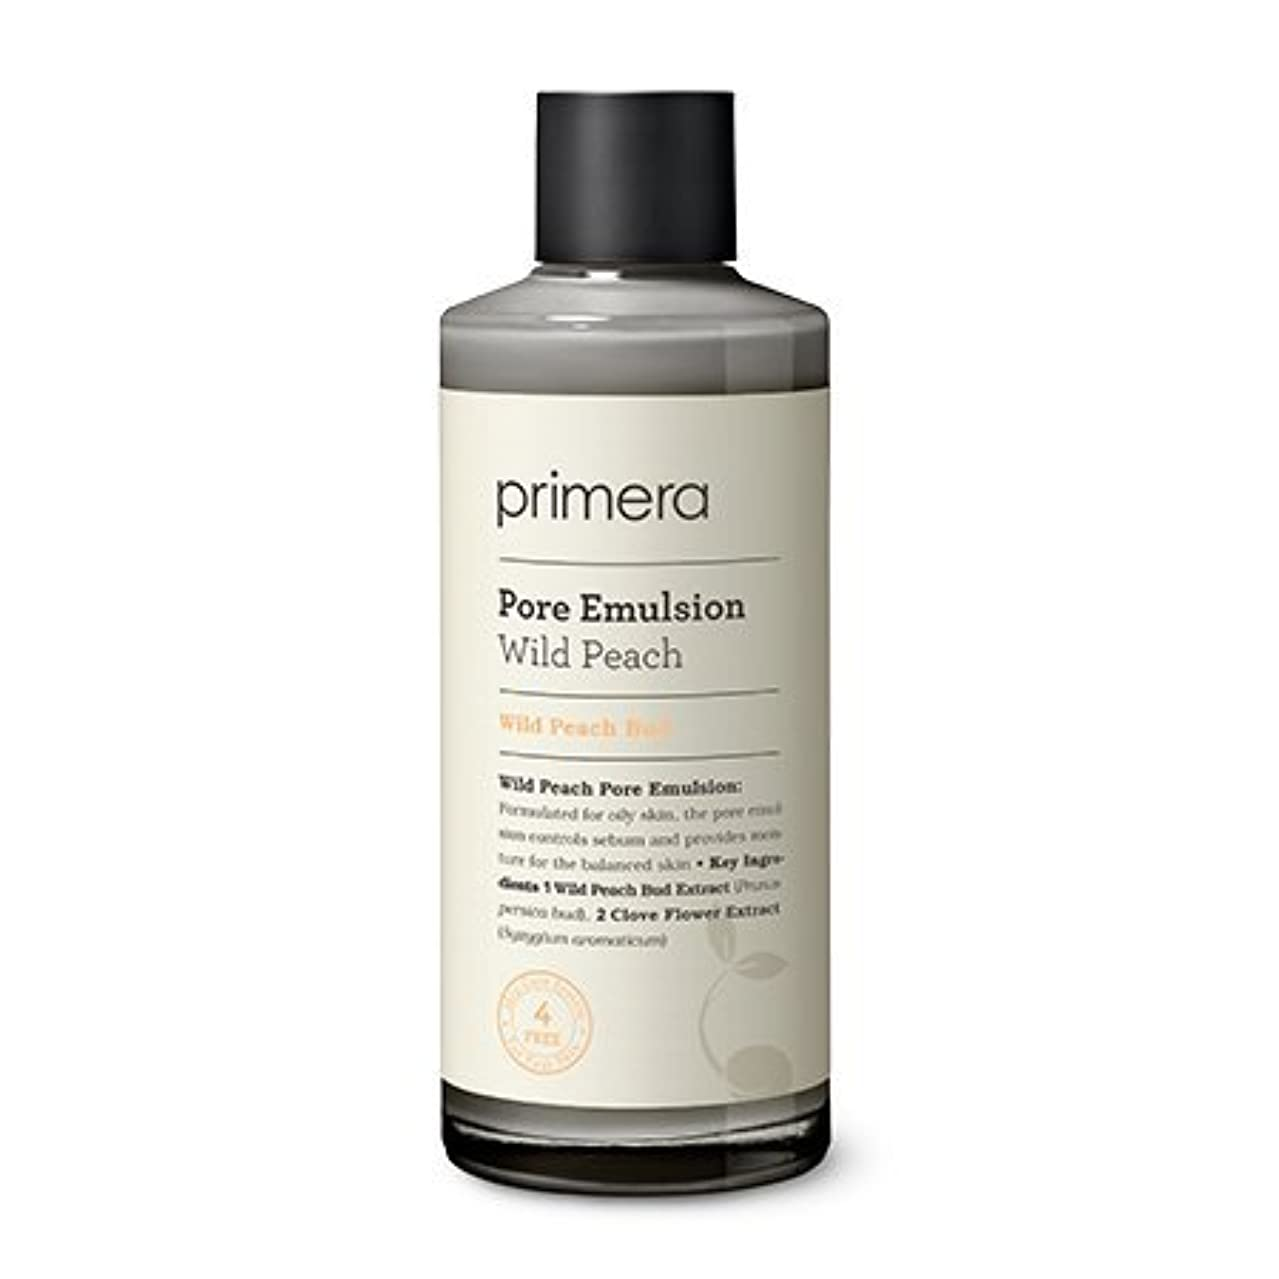 面取り替える黙【Primera】Wild Peach Pore Emulsion - 150ml (韓国直送品) (SHOPPINGINSTAGRAM)